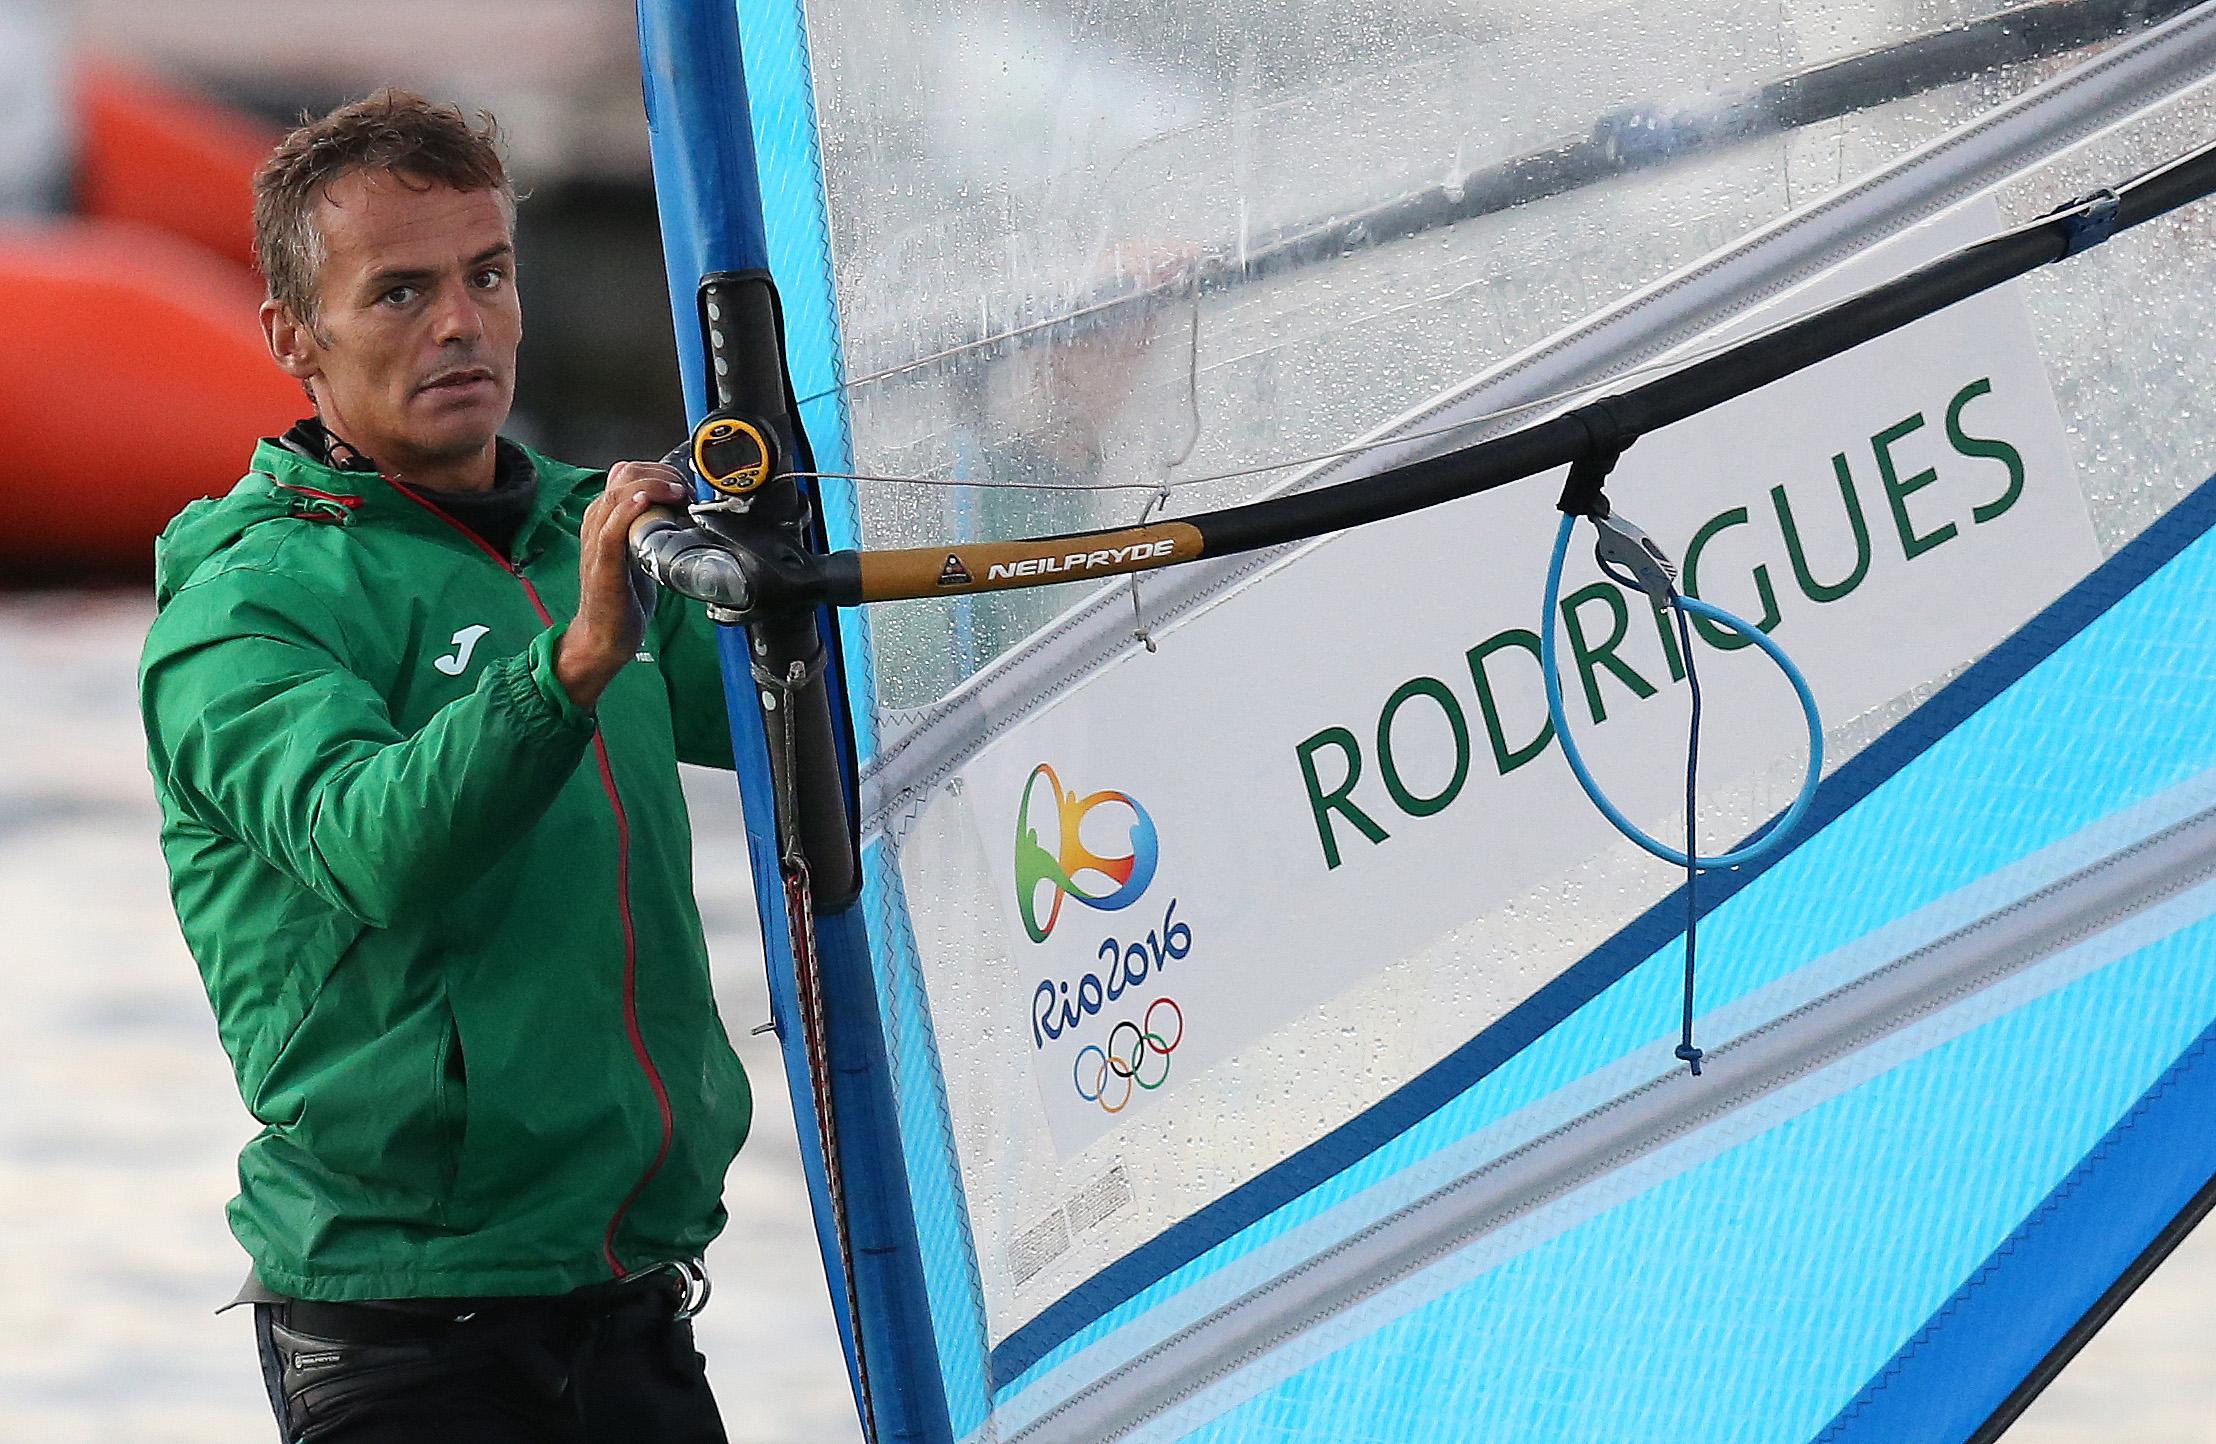 João Rodrigues participou em seis edições dos Jogos Olímpicos.